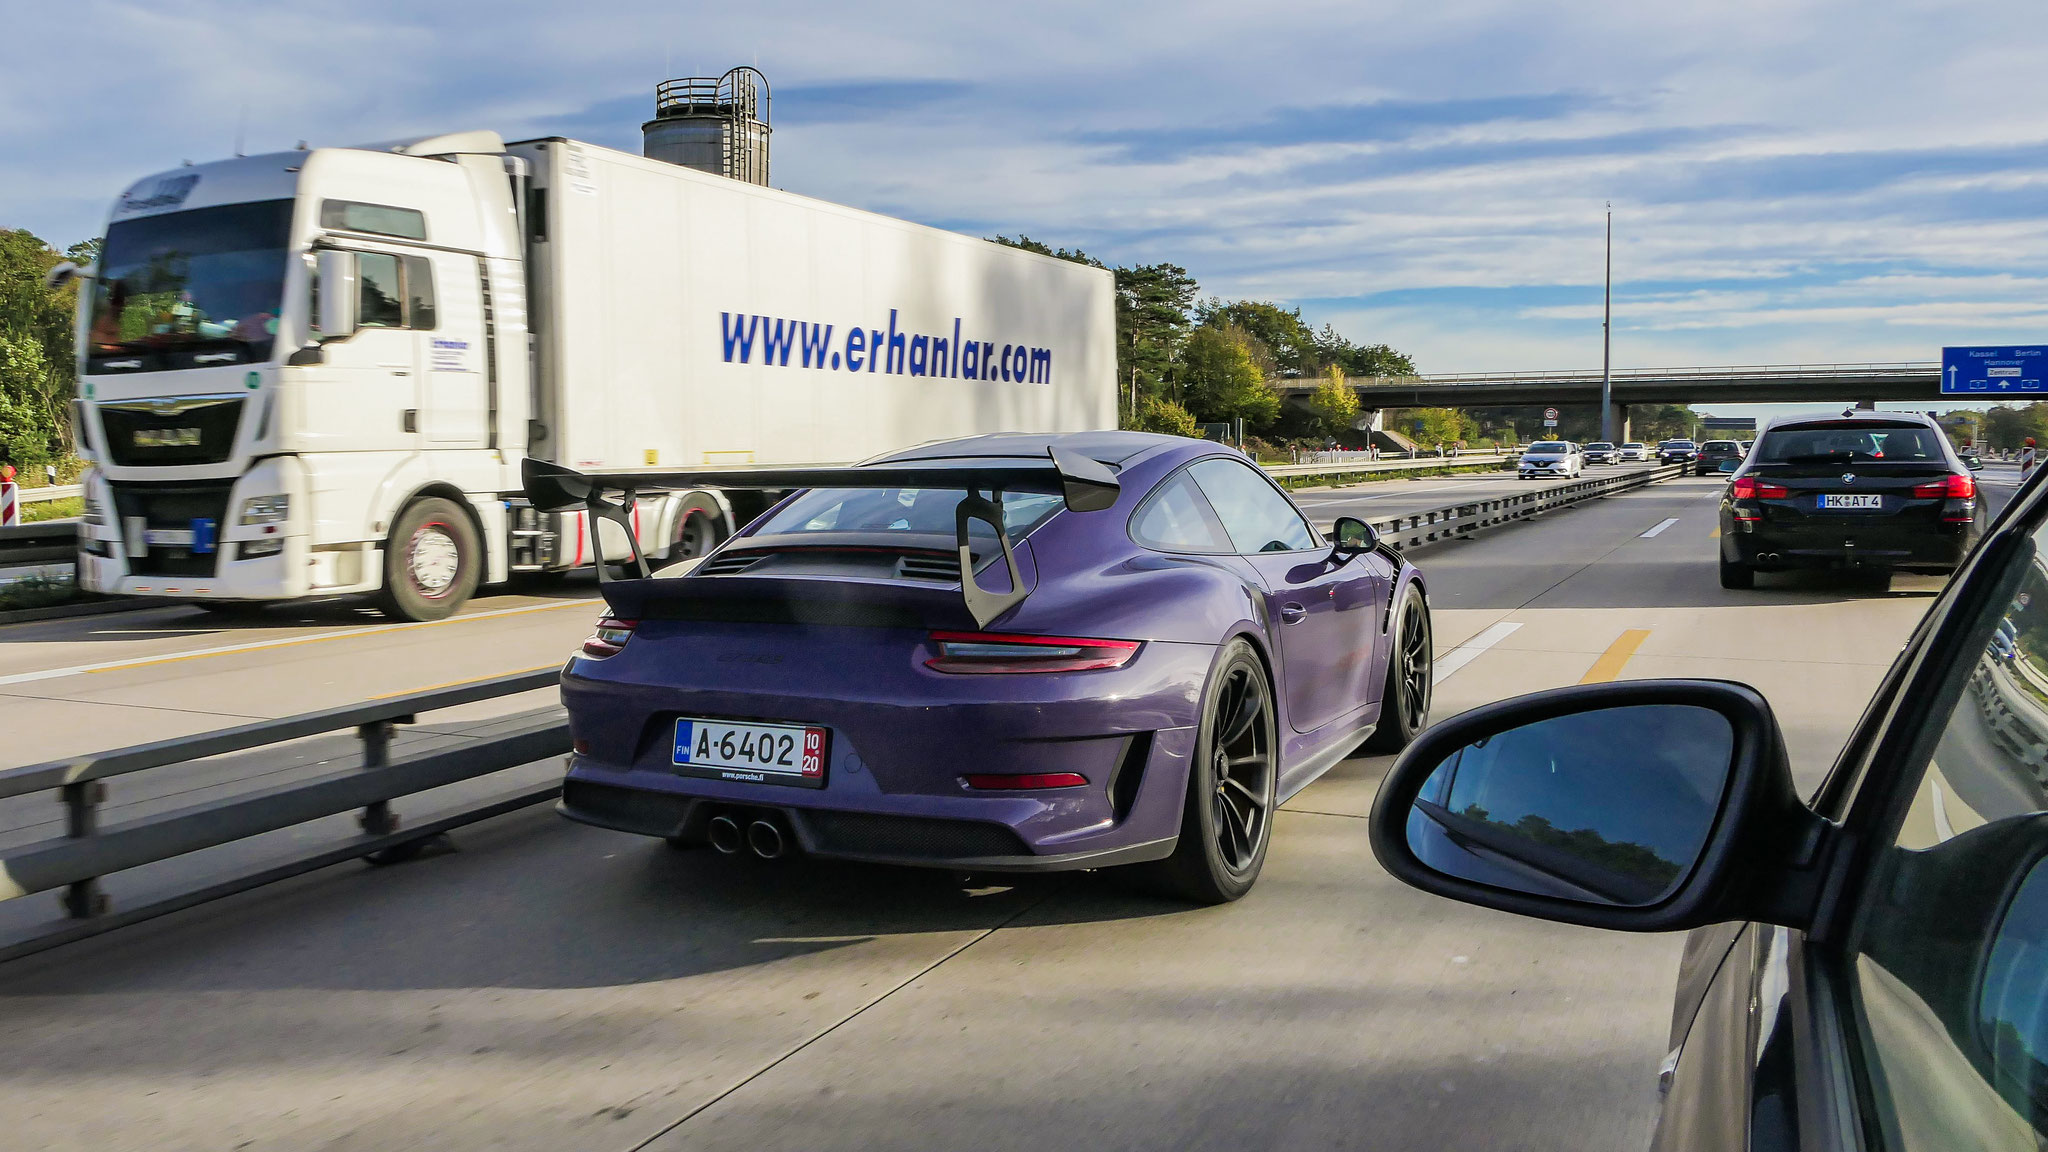 Porsche 911 991.2 GT3 RS - A-6402 (FIN)